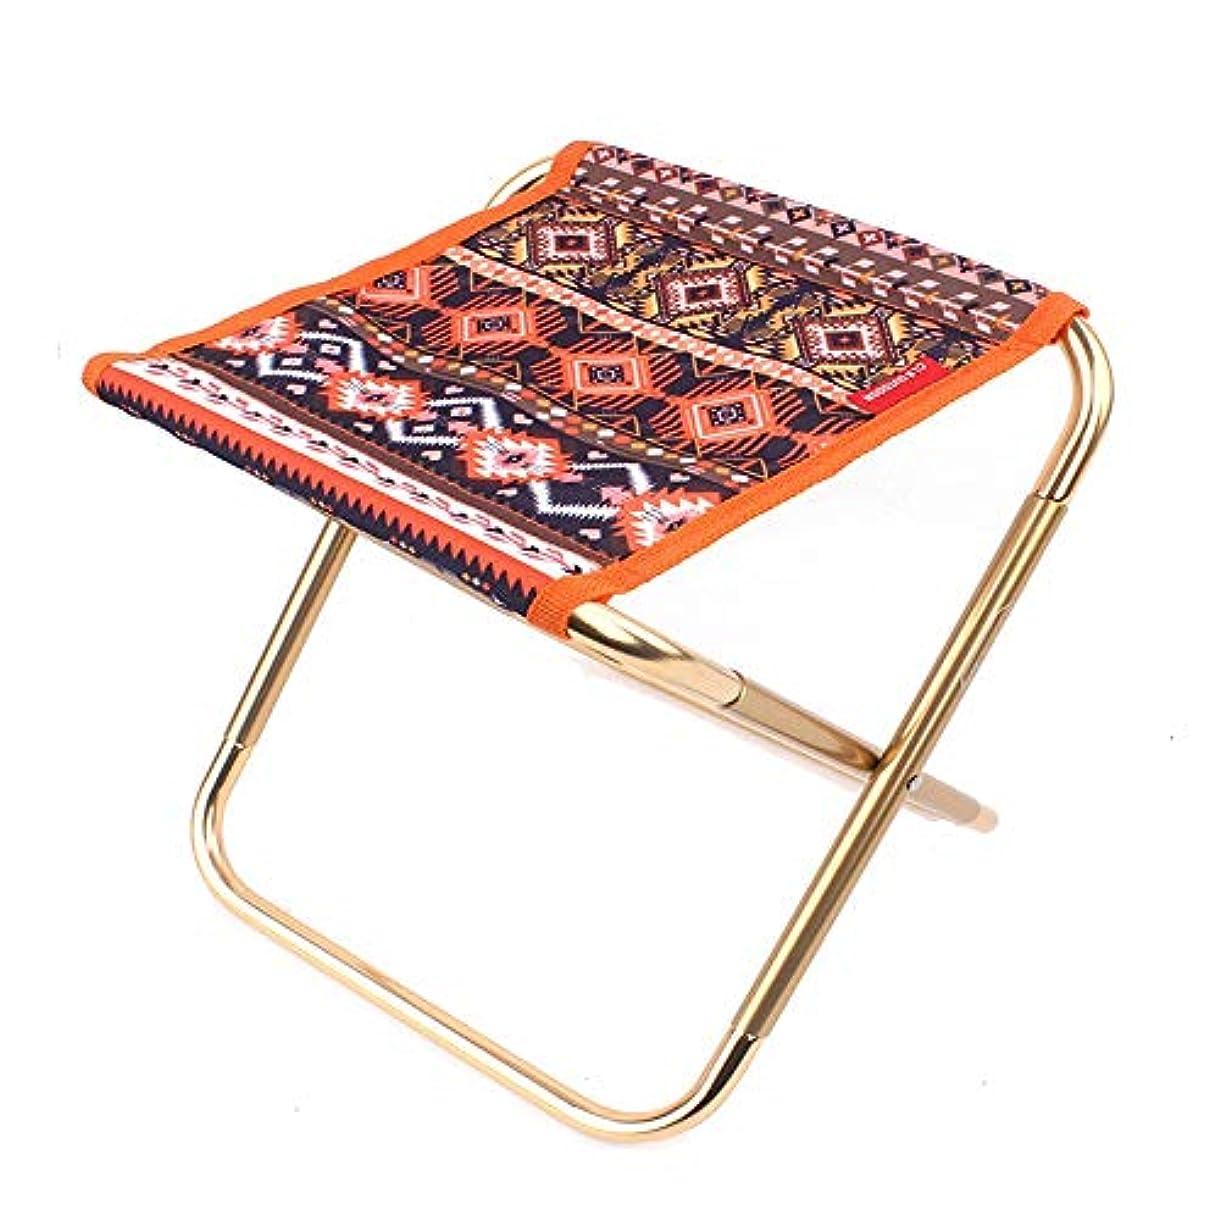 優先見ました溶かす屋外のハイキング浜の釣りのための軽量フレームの折るキャンプスツールの携帯用アルミニウム椅子、極度の慰め アウトドア キャンプ用 (色 : オレンジ)